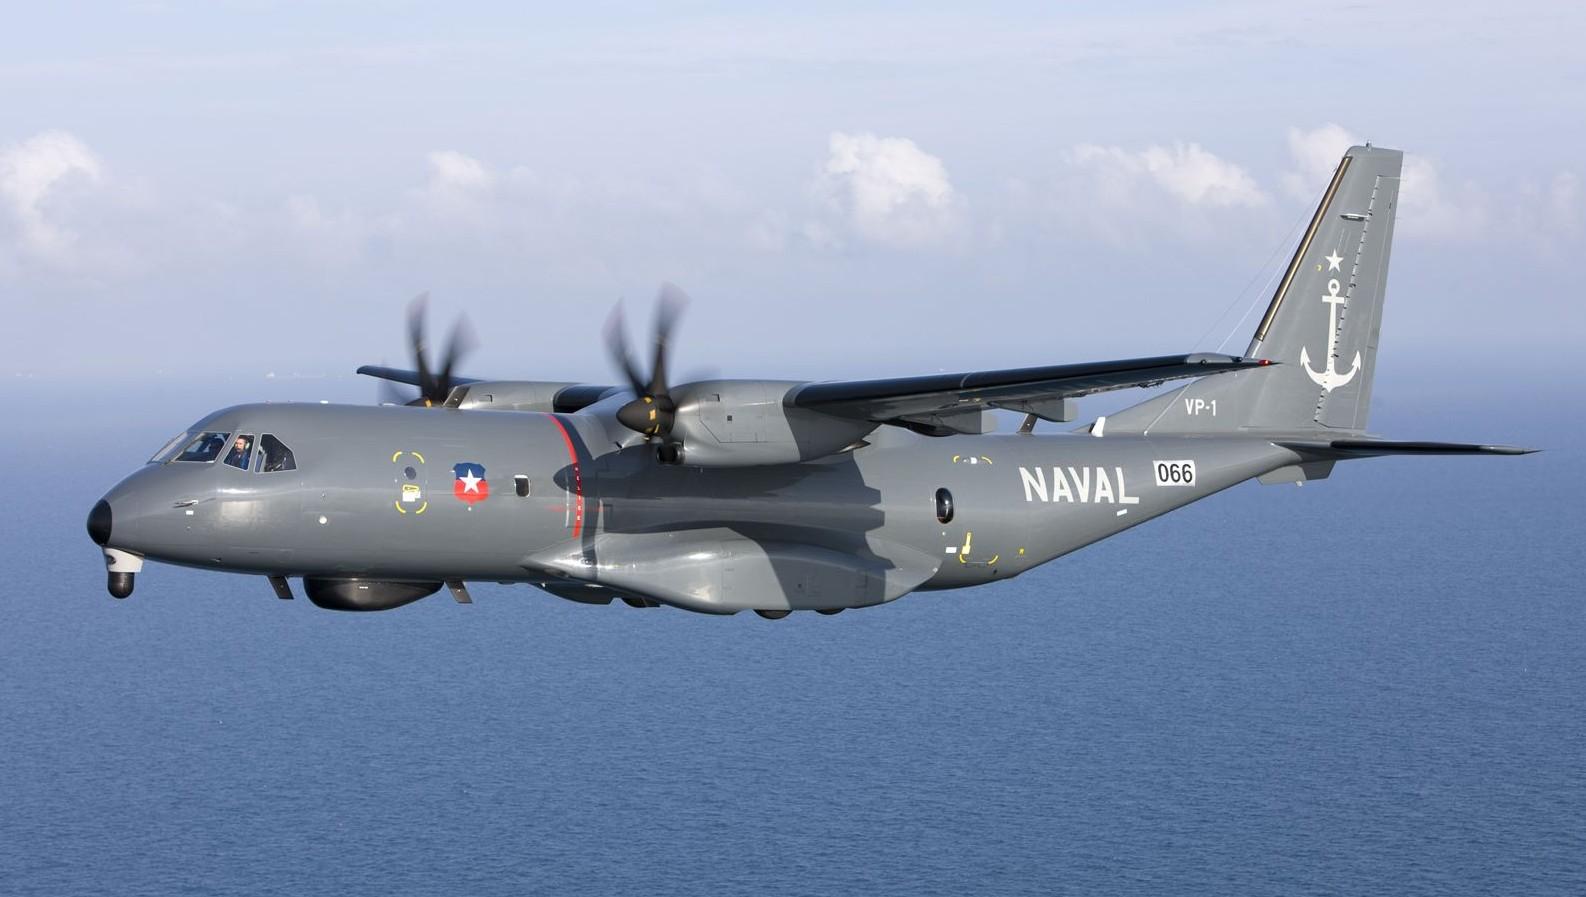 Πτώση στρατιωτικού αεροπλάνου στην Αλγερία – Τουλάχιστον 200 νεκροί (ΒΙΝΤΕΟ)